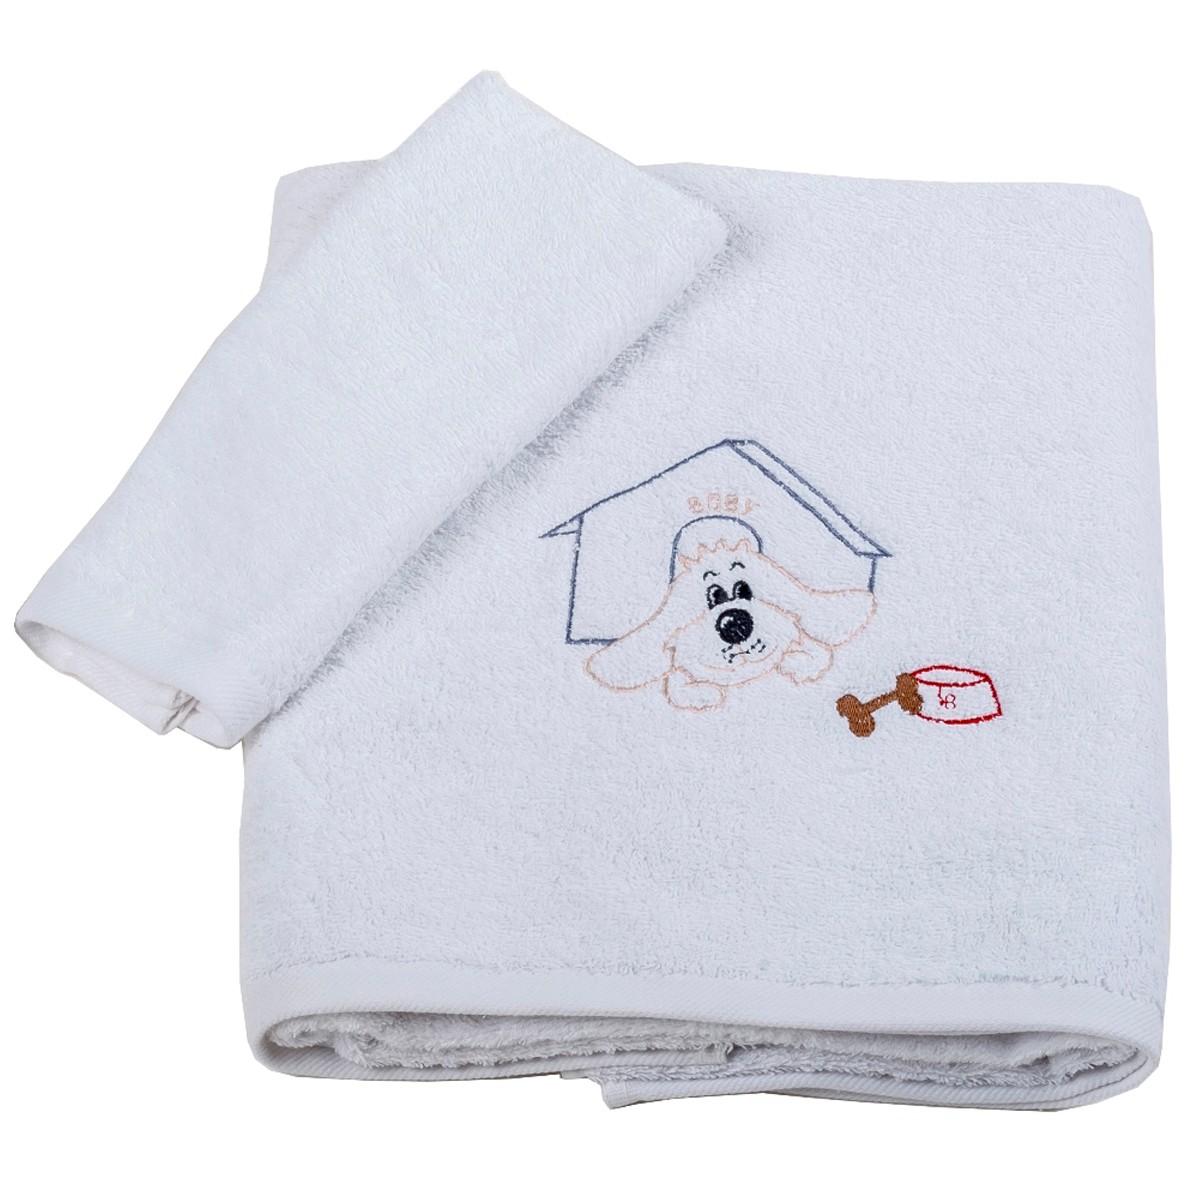 Βρεφικές Πετσέτες (Σετ 2τμχ) Κόσμος Του Μωρού Boby 0502 Γκρι